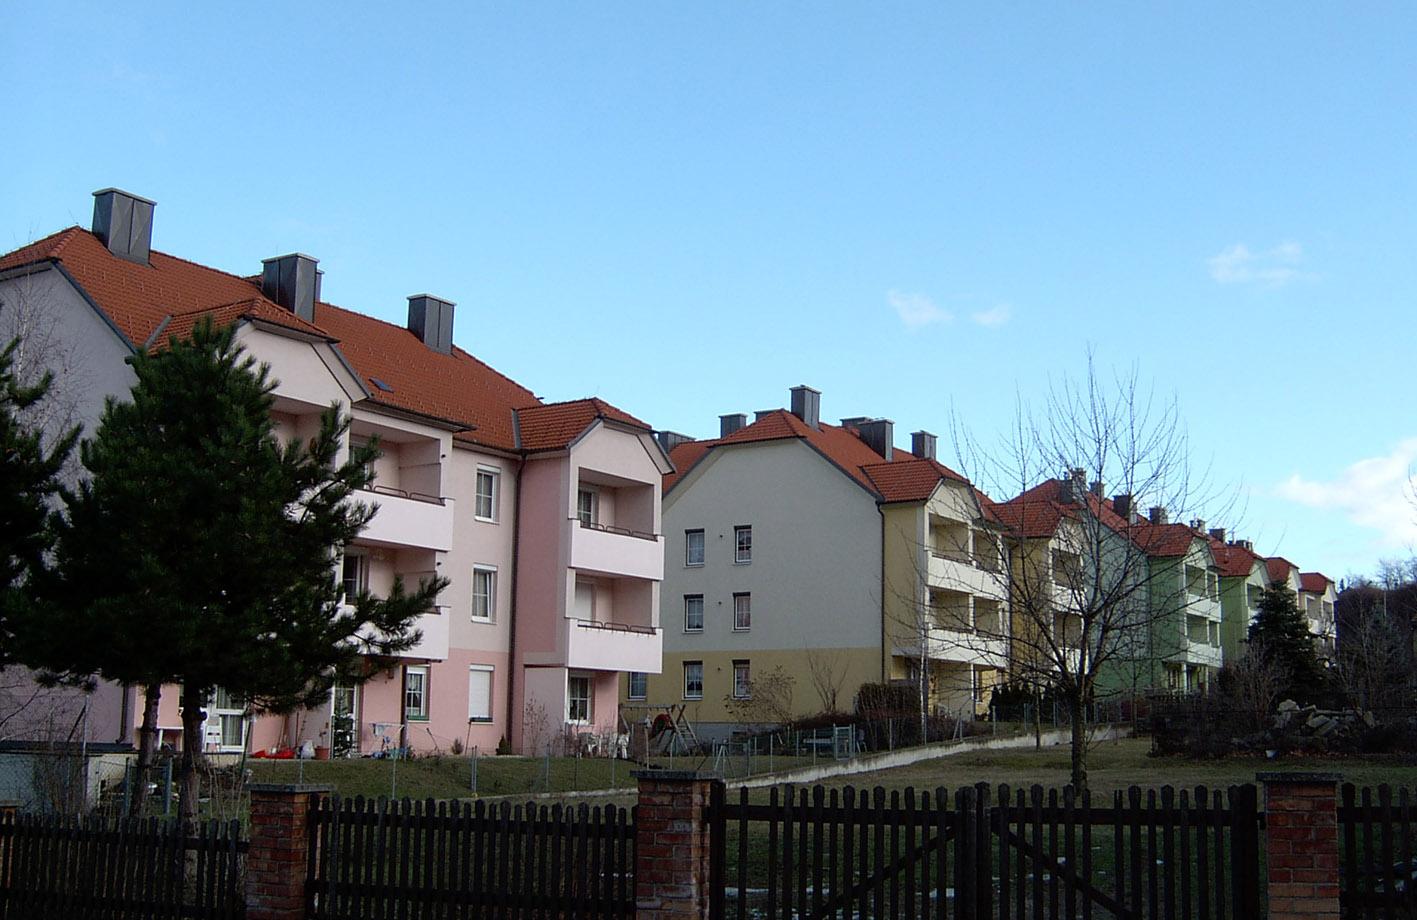 Immobilie von Kamptal in 3730 Eggenburg, Horn, Eggenburg III/2 - Top 14 #2